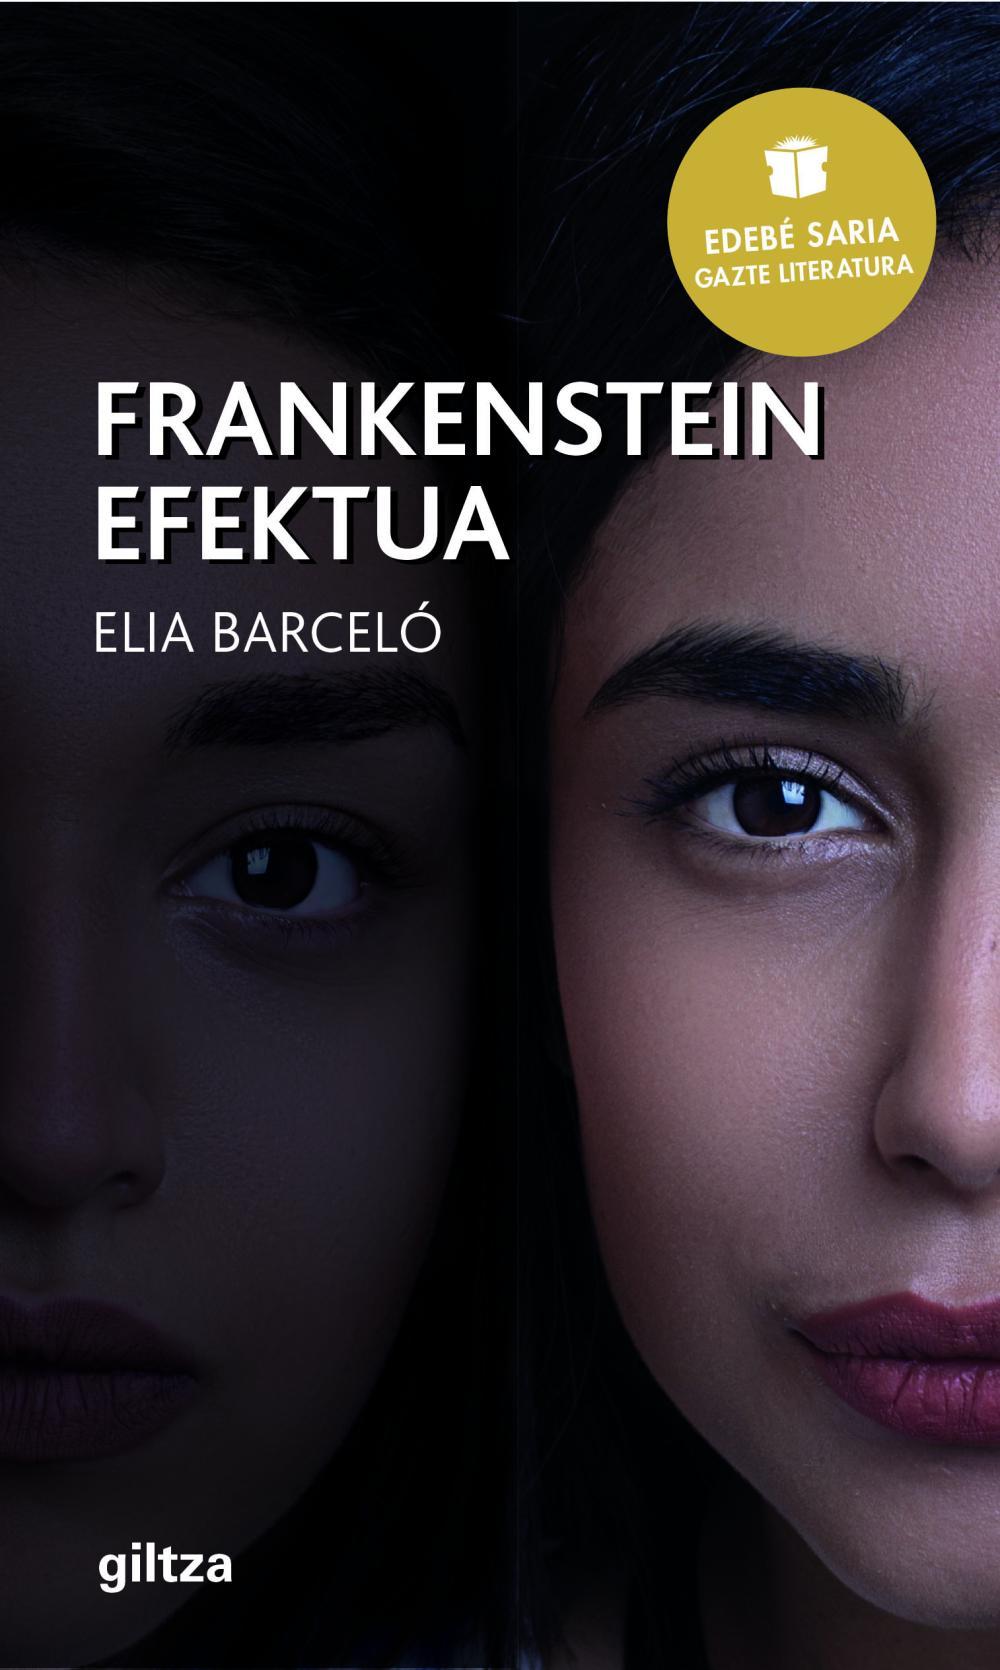 FRANKENSTEIN Efektua (Premio EDEBÉ de Literatura Juvenil 2019)